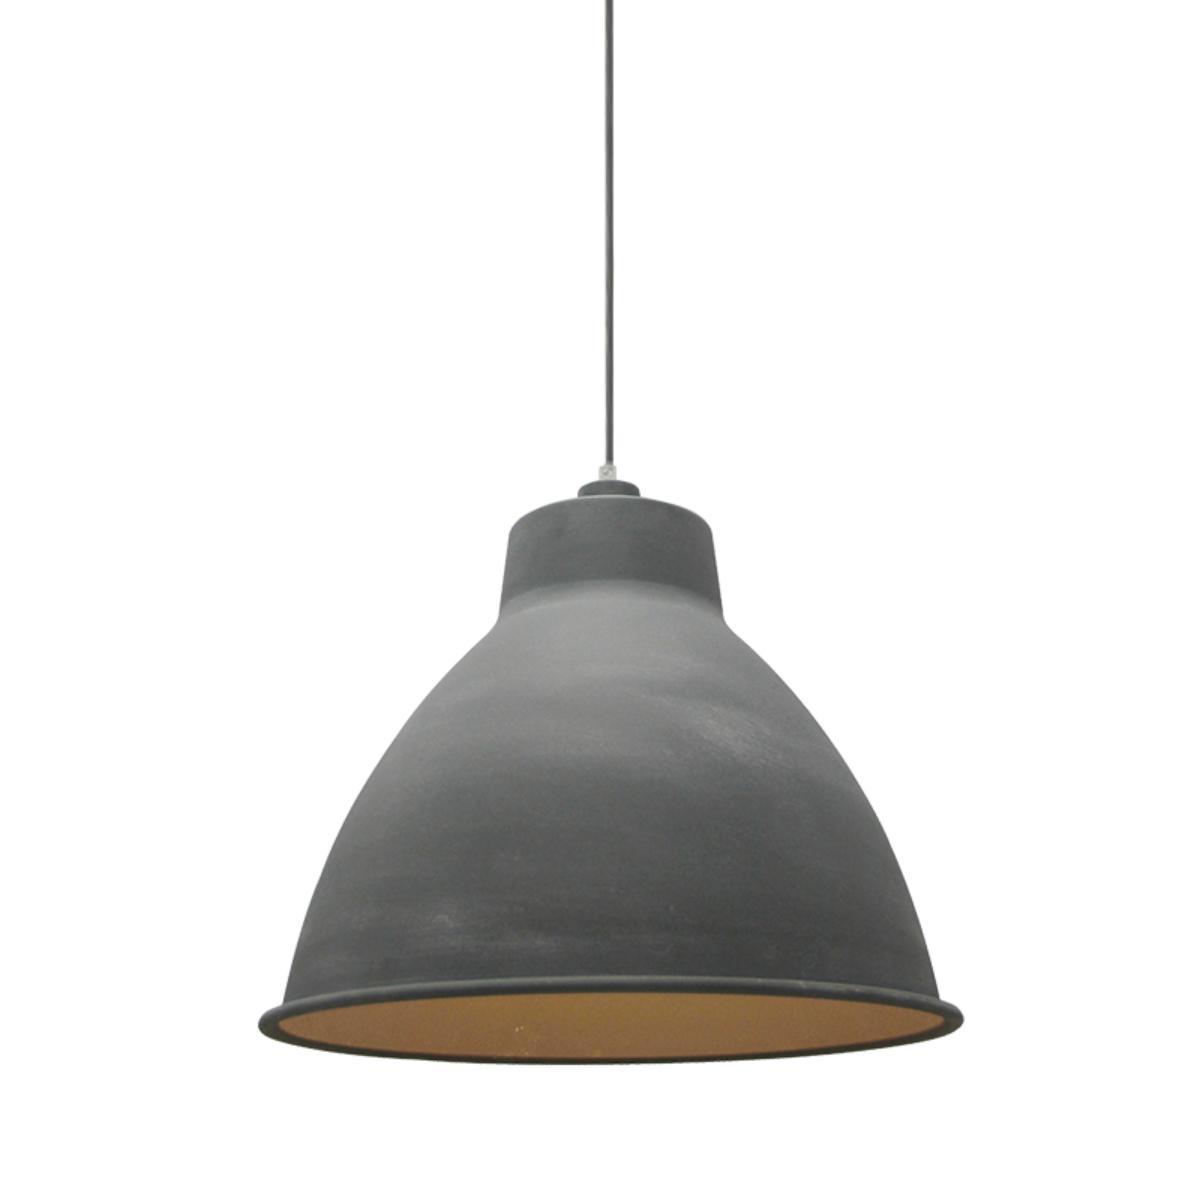 LABEL51 Hanglamp Dome - Grijs - Metaal